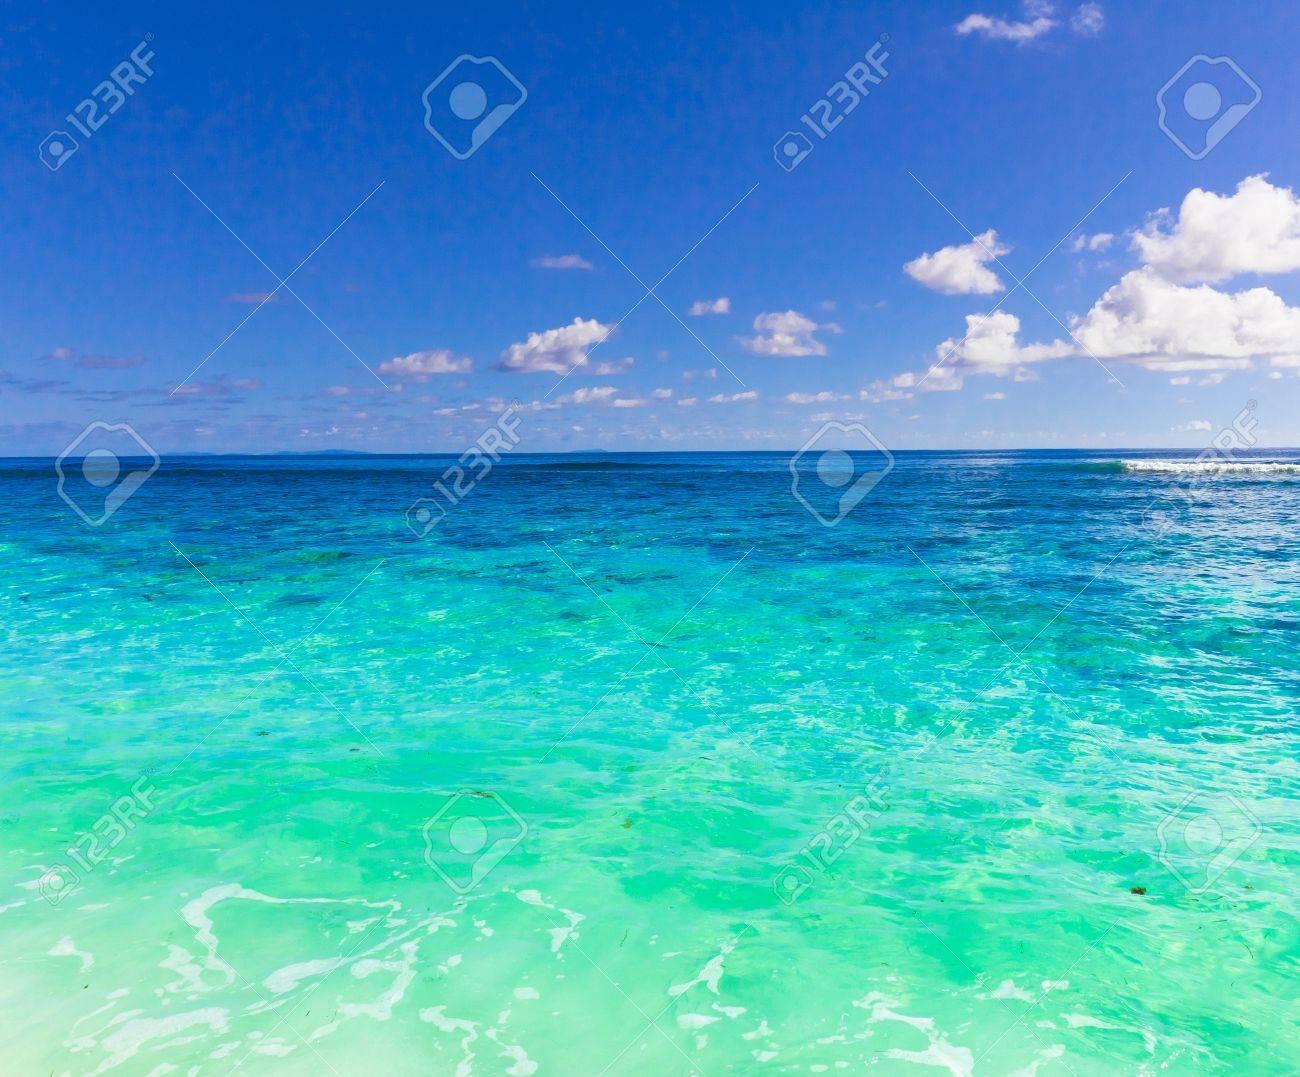 夏の海の壁紙 の写真素材 画像素材 Image 10656326